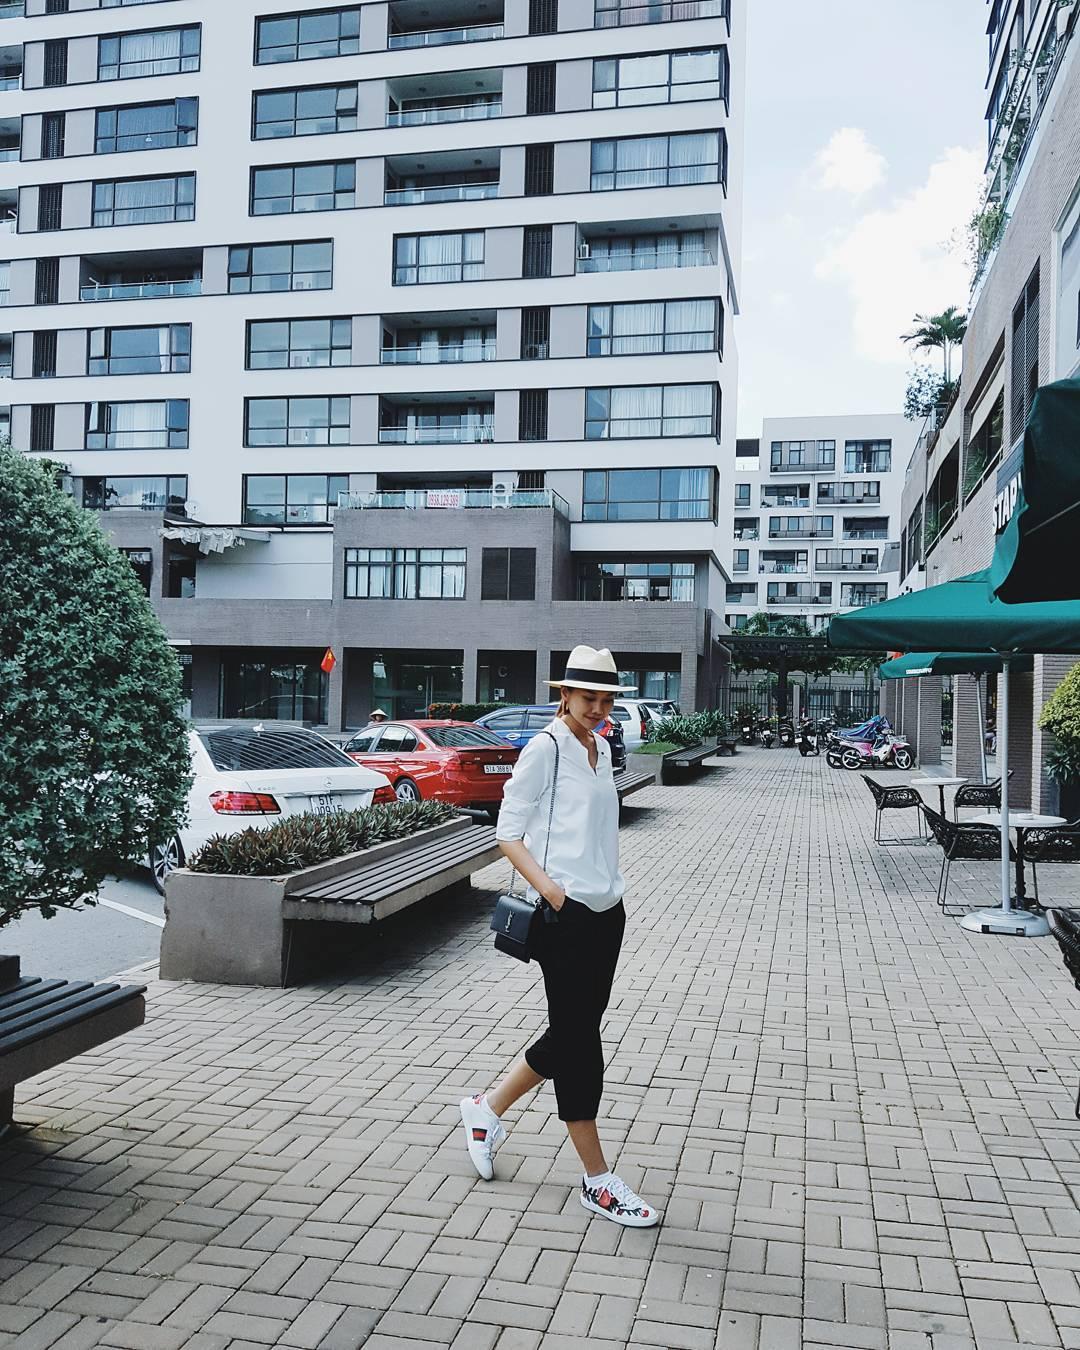 Giày sneaker thêu, xu hướng hoa hòe hoa sói mà bạn cứ lướt Instagram là gặp thời gian này - Ảnh 4.